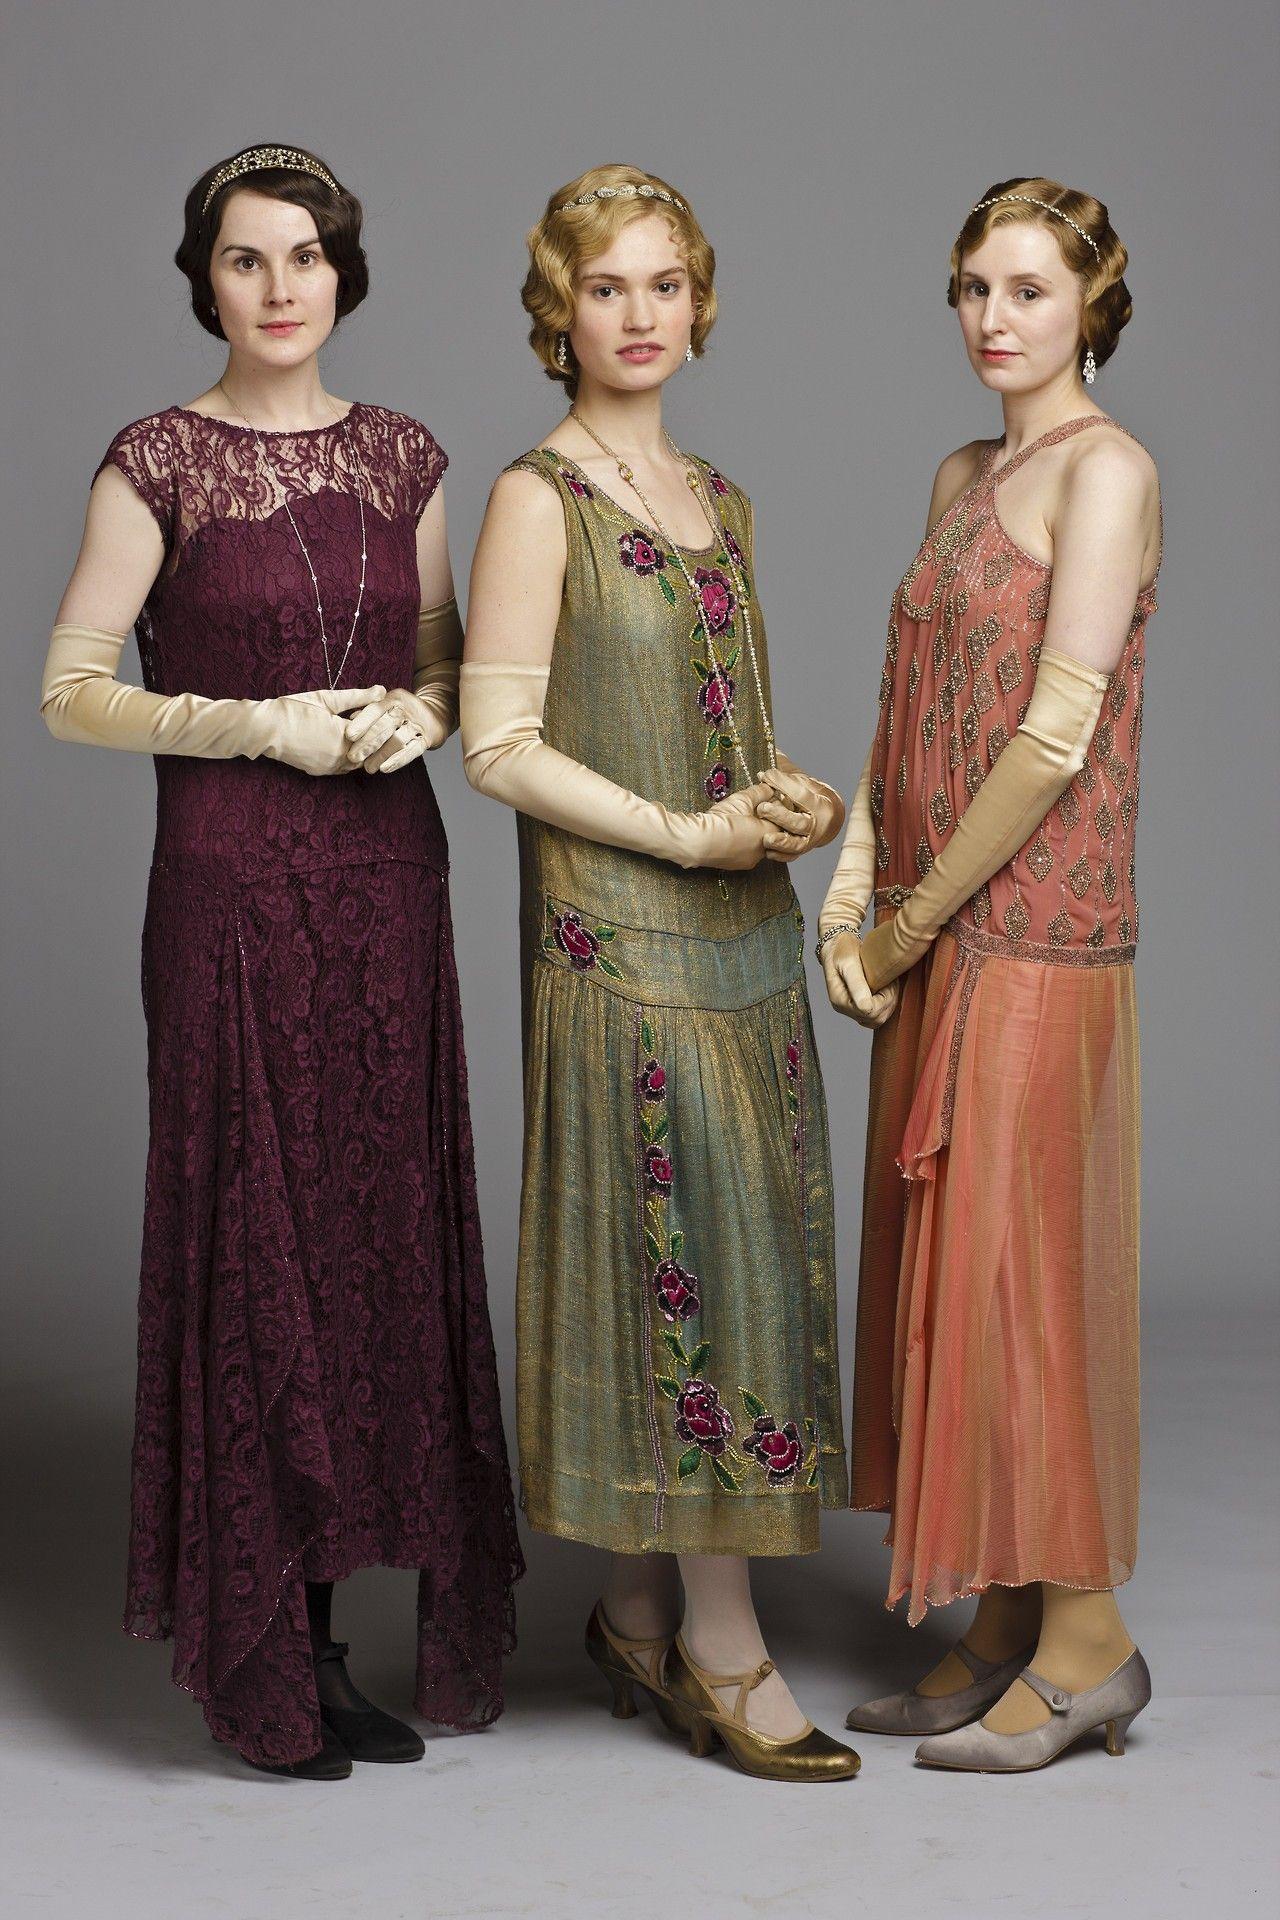 Mary, Rose és Sybil partira készen!